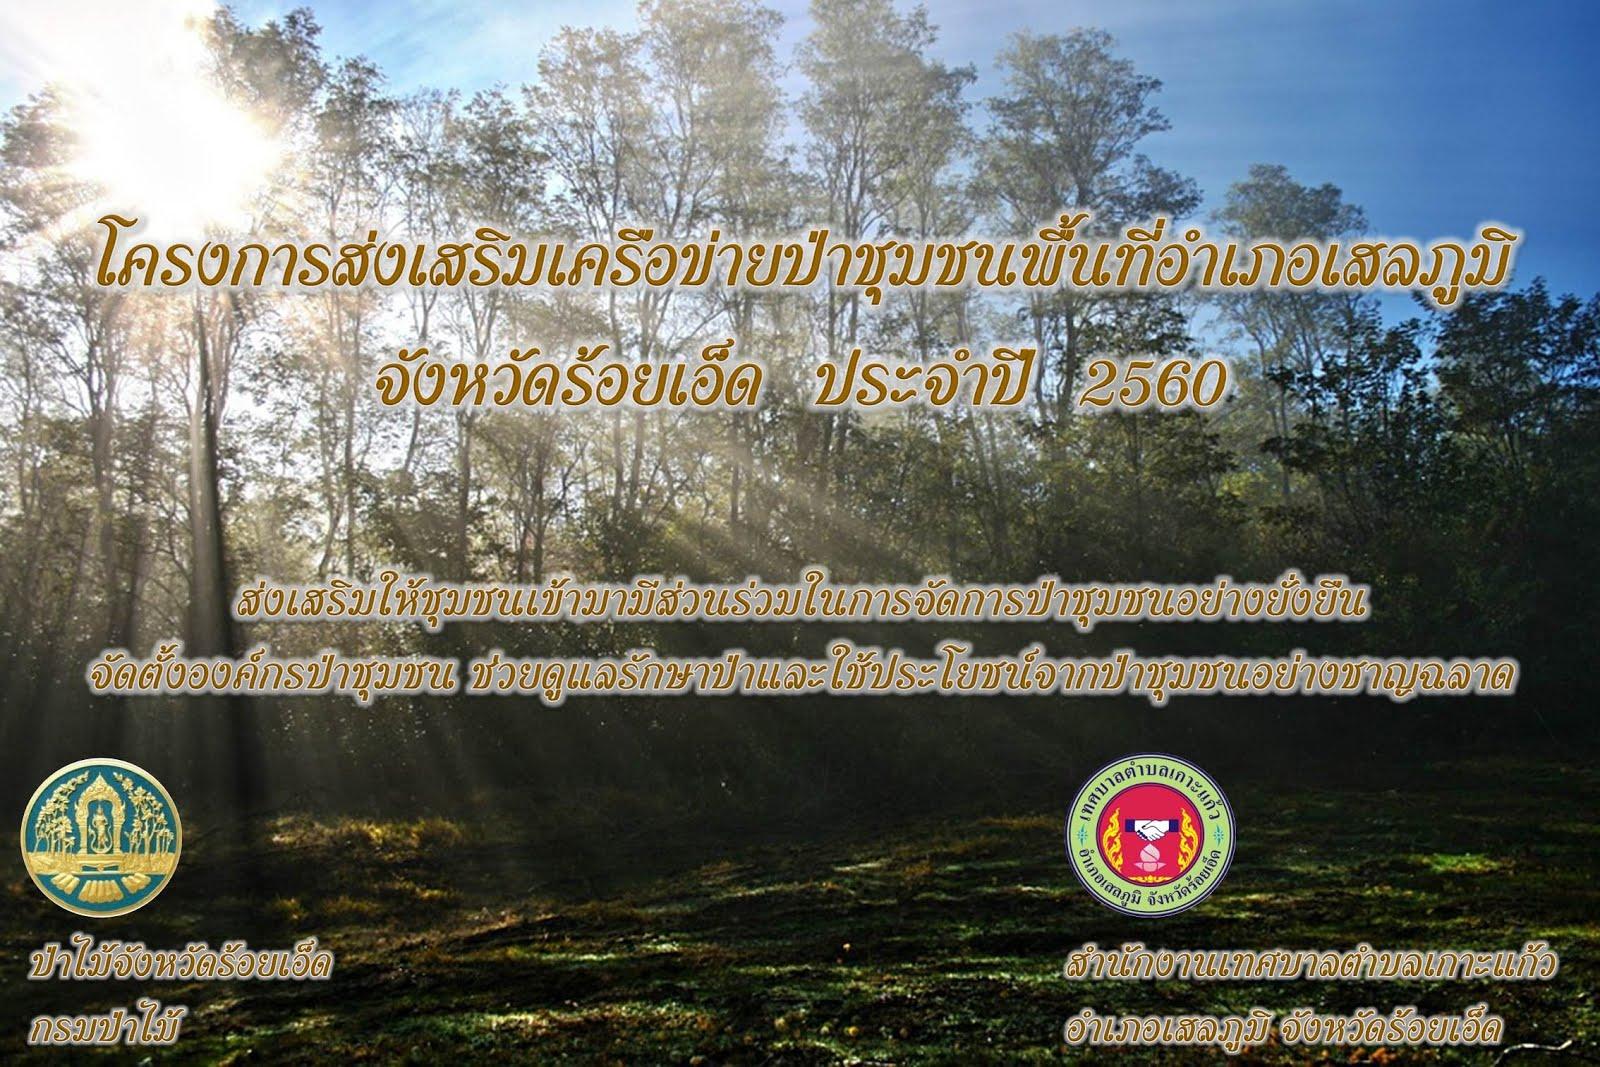 โครงการส่งเสริมการปลูกต้นไม้เพื่อเศรษฐกิจ